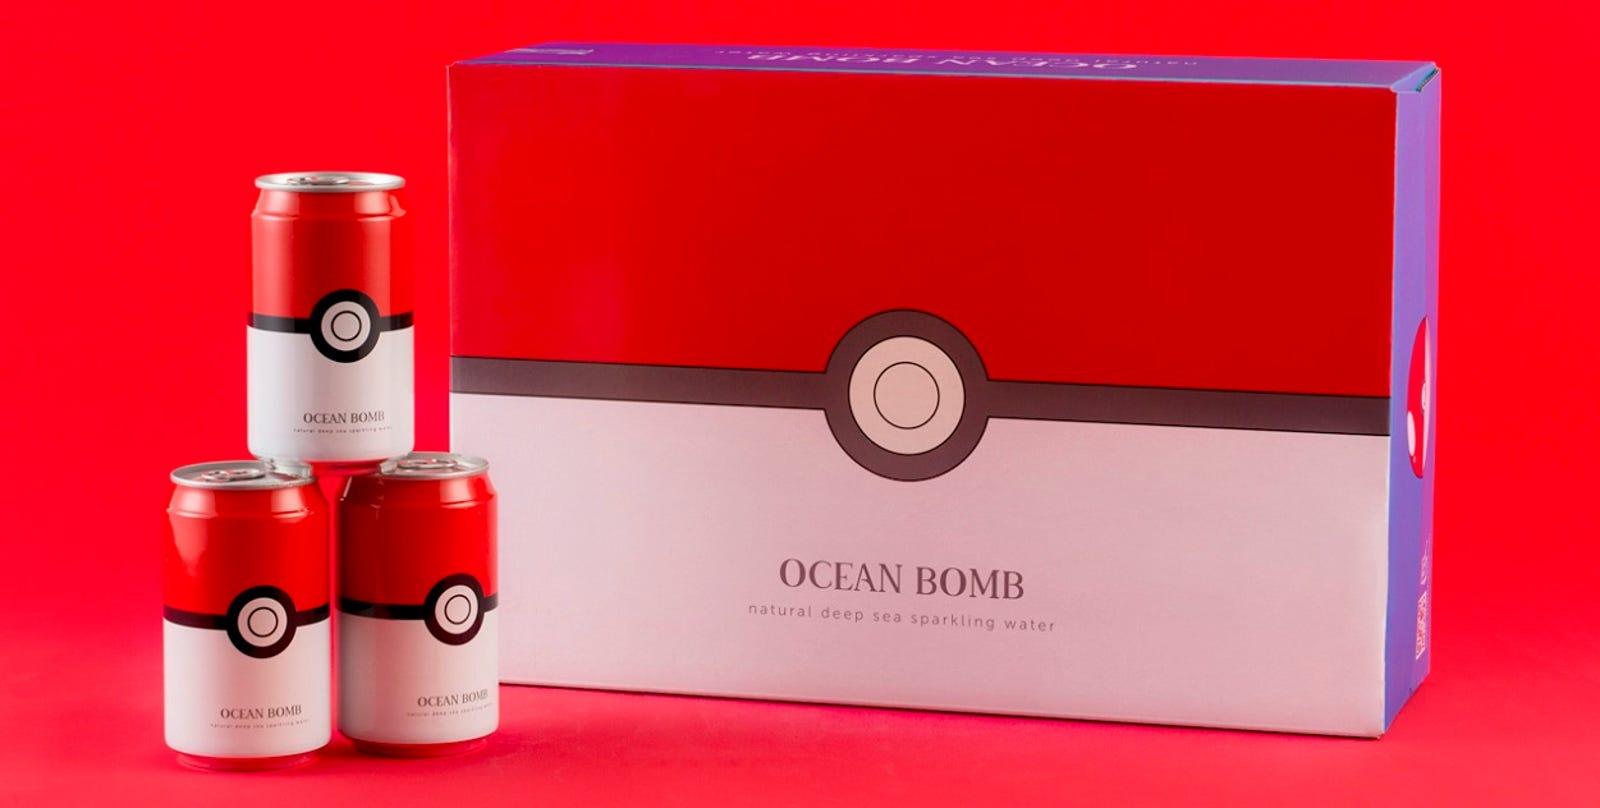 Ocean Bomb x Pokemon